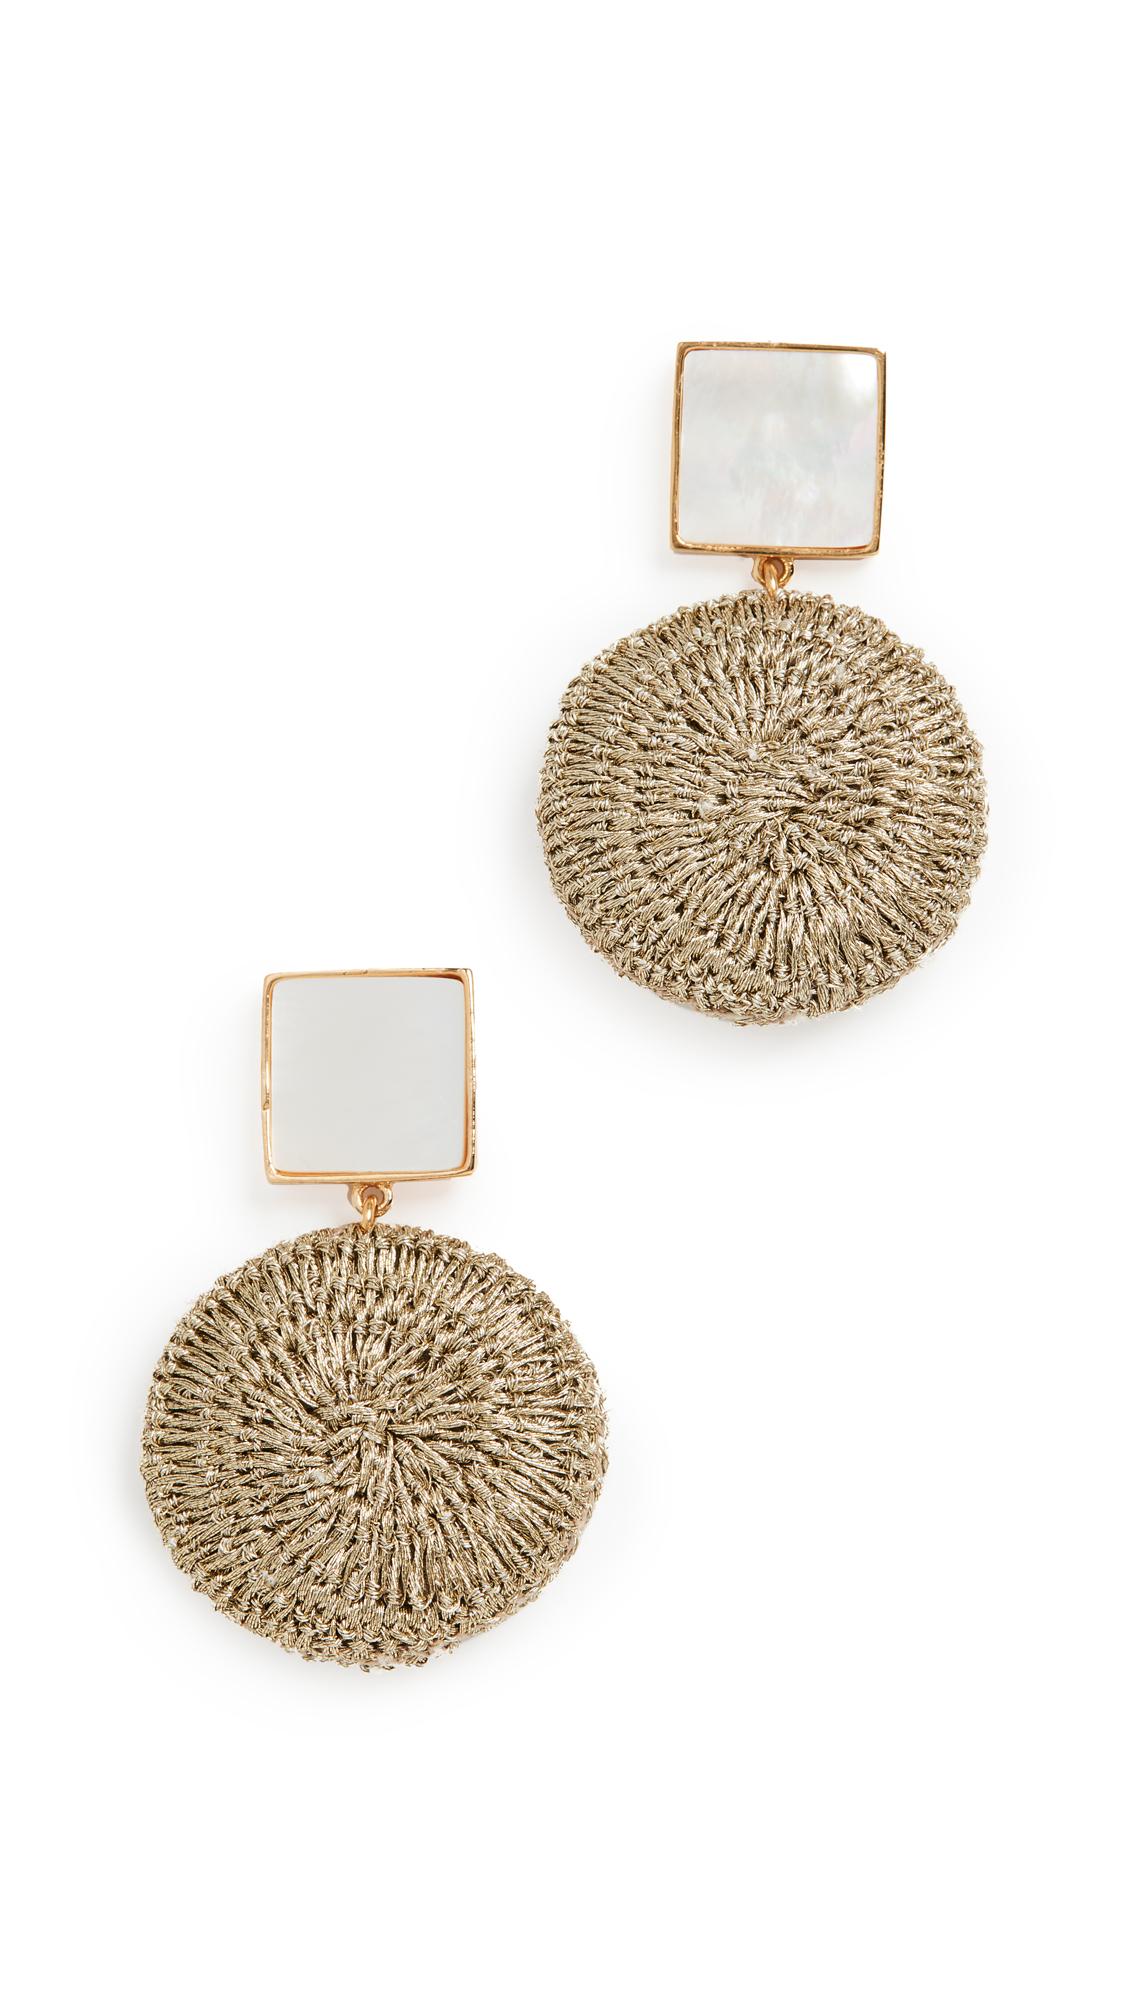 Lizzie Fortunato Mala Earrings In Gold